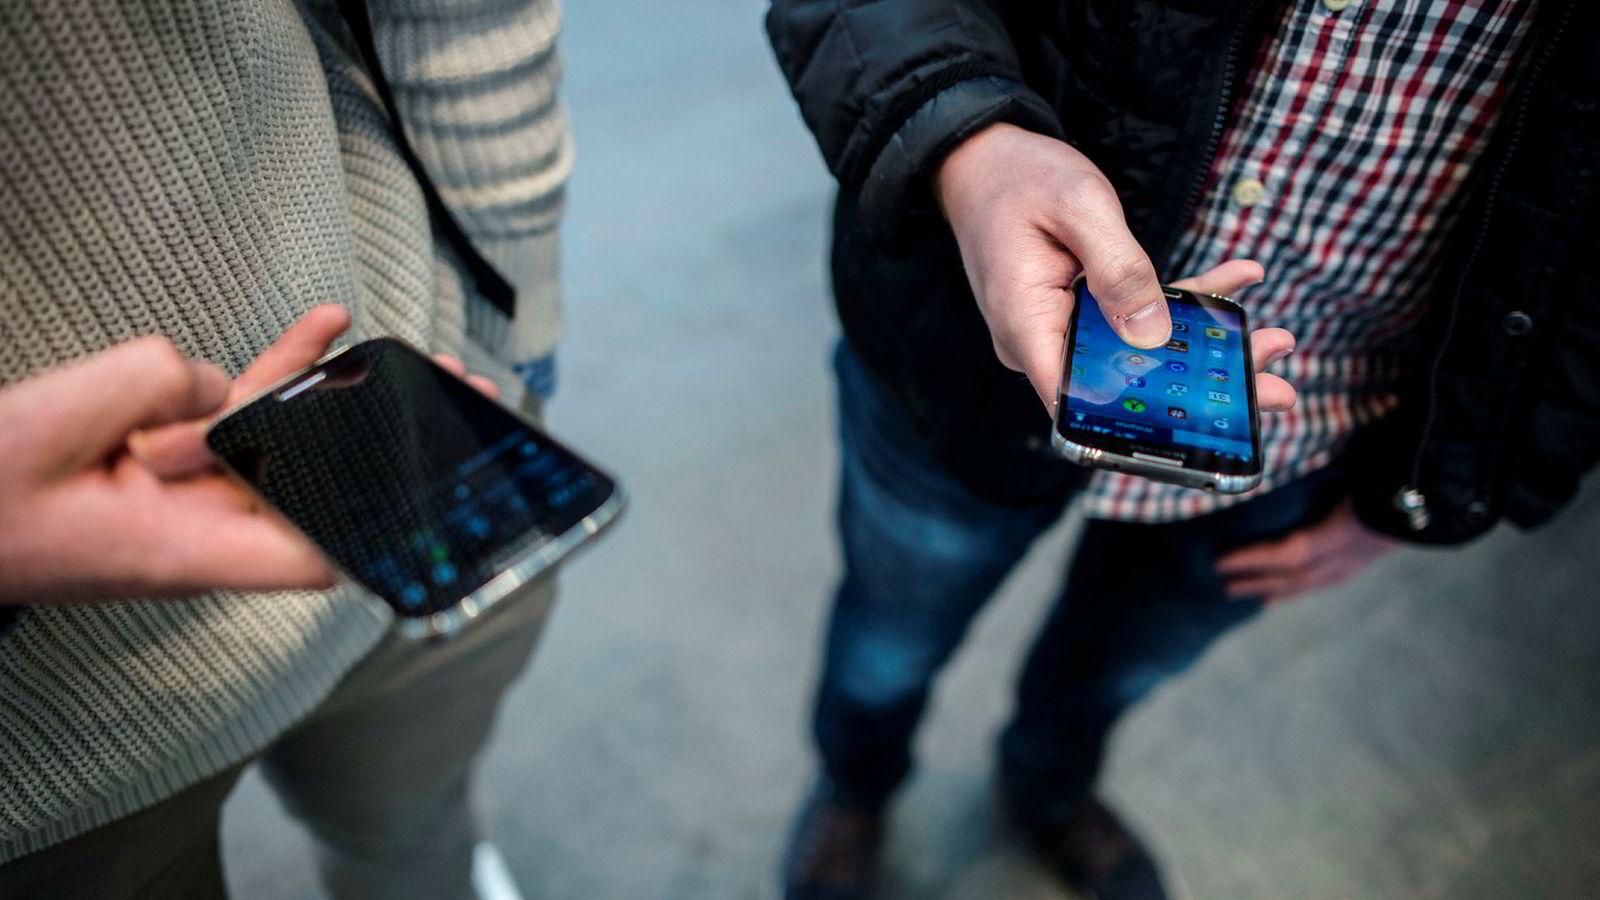 Mobilsalget faller, men folk kjøper dyrere mobiler.